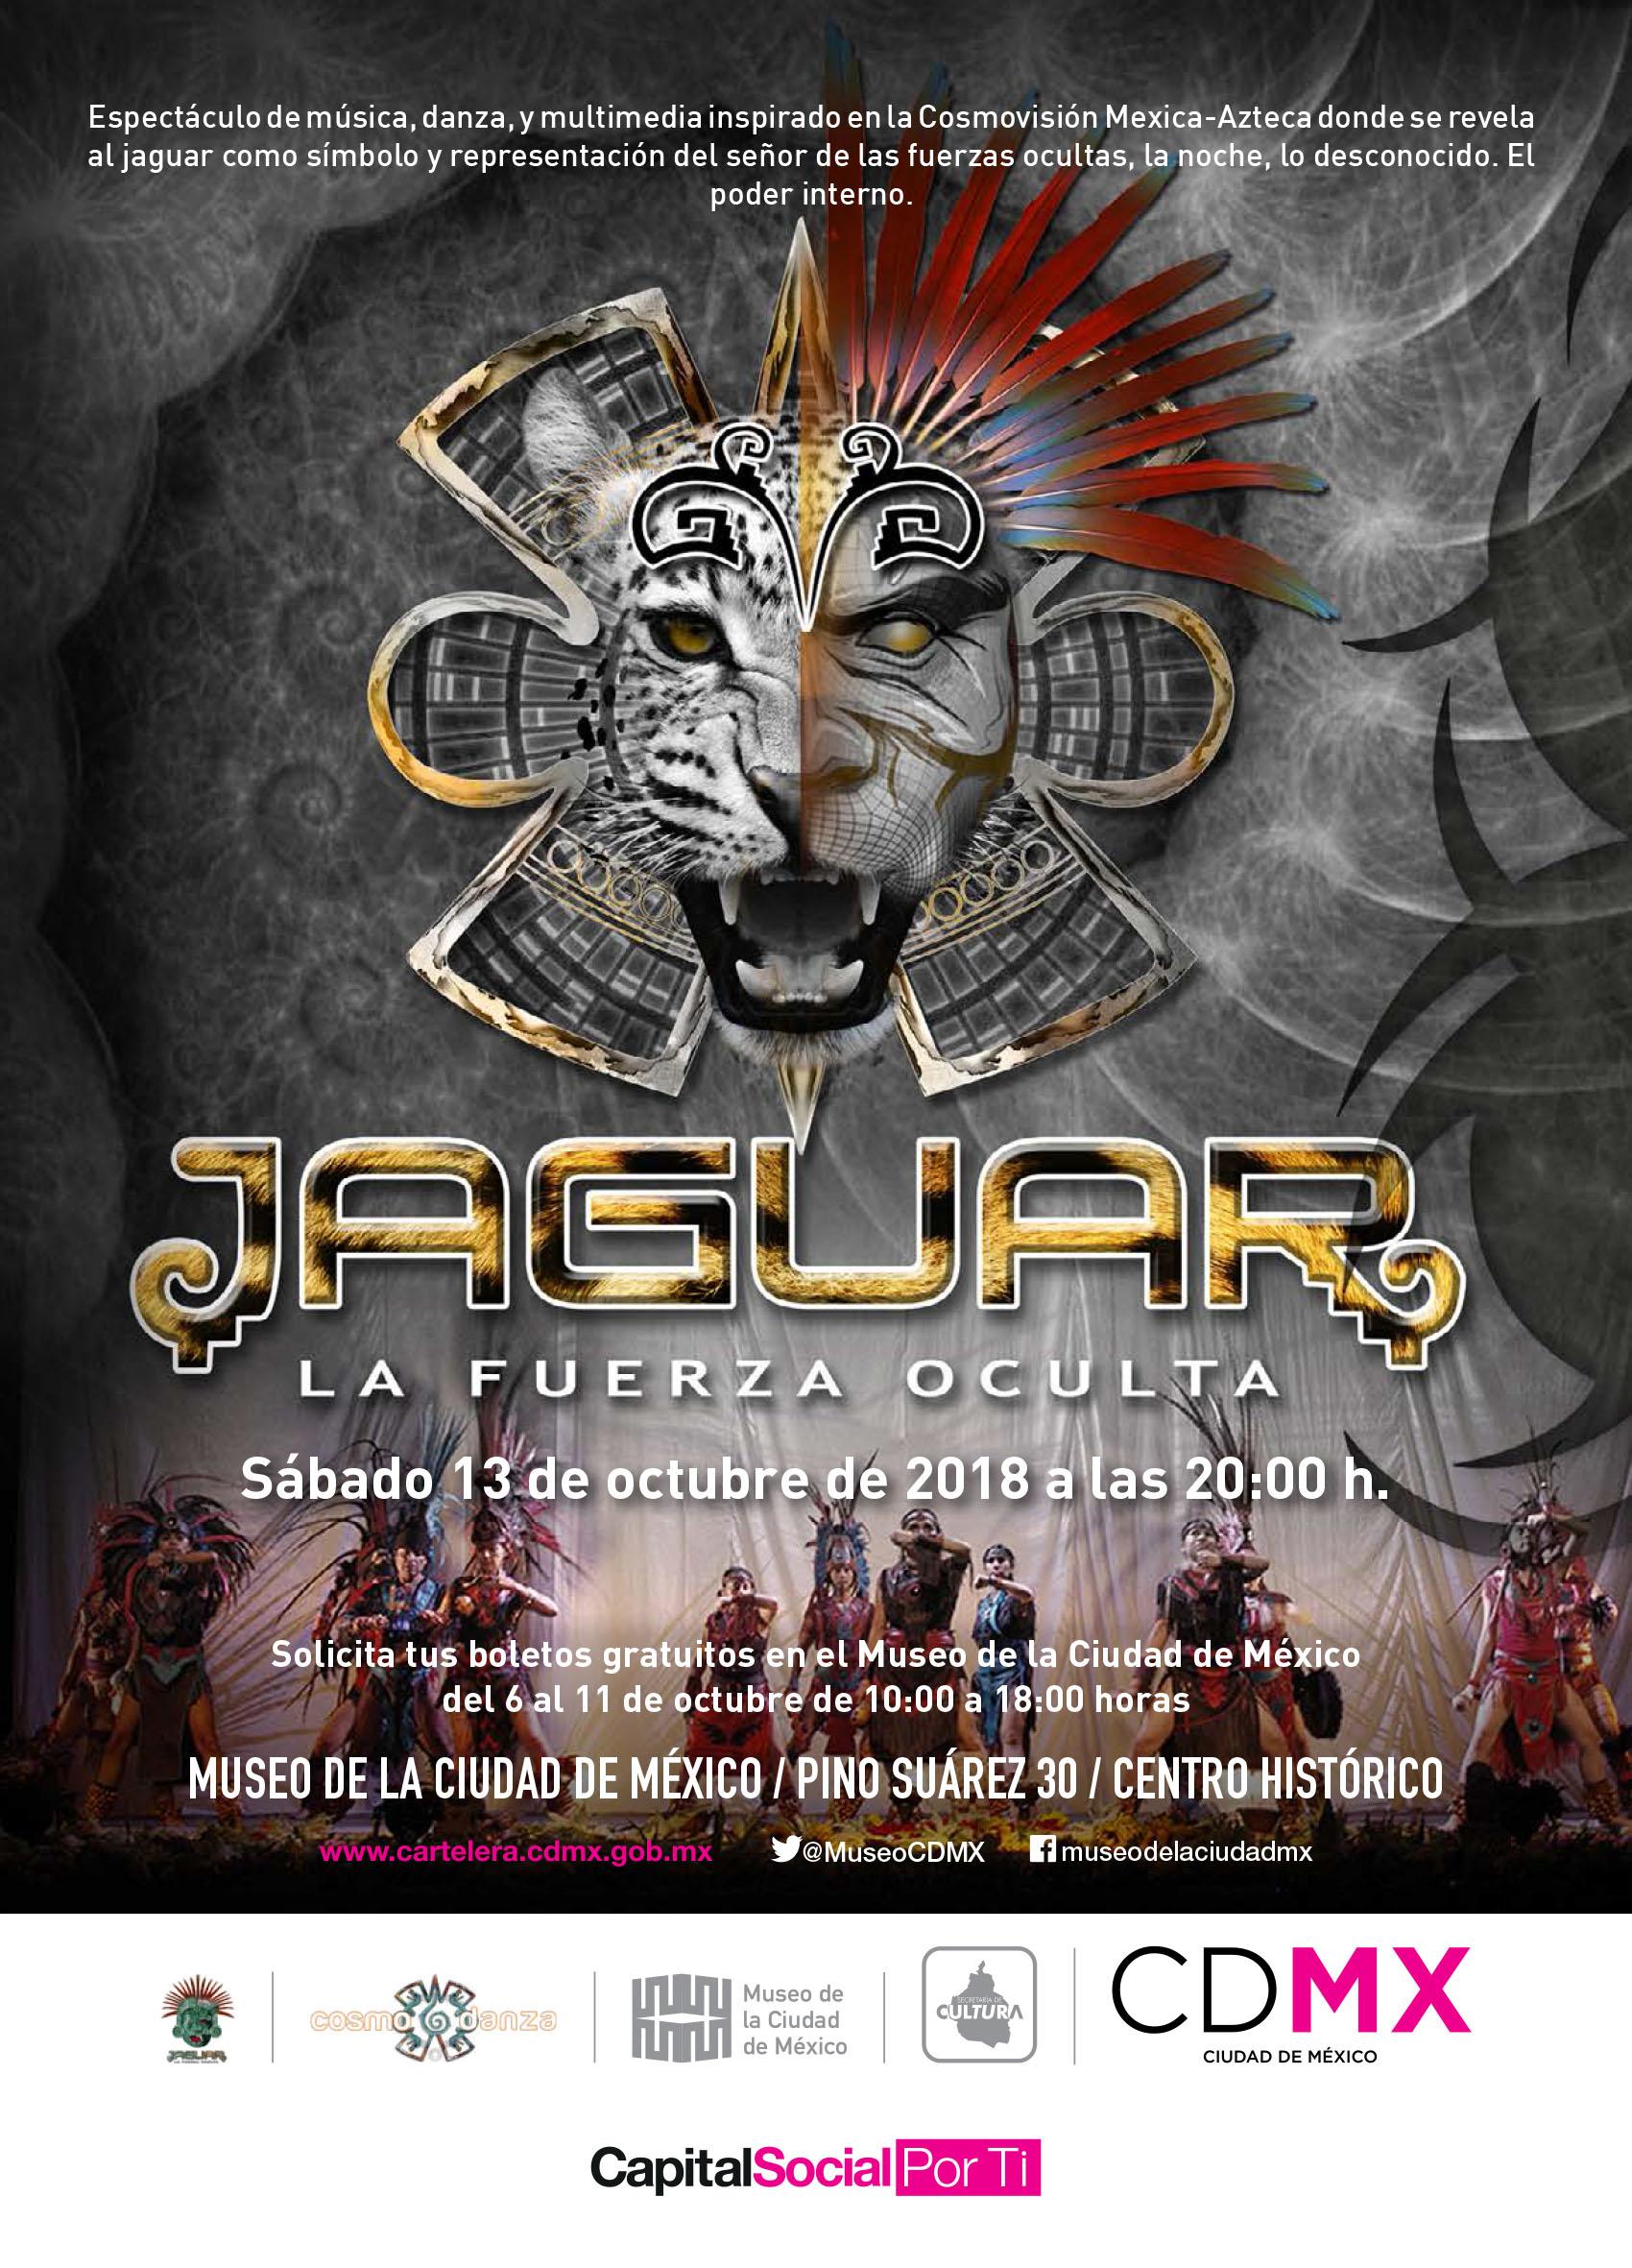 Jaguar La Fuerza Oculta